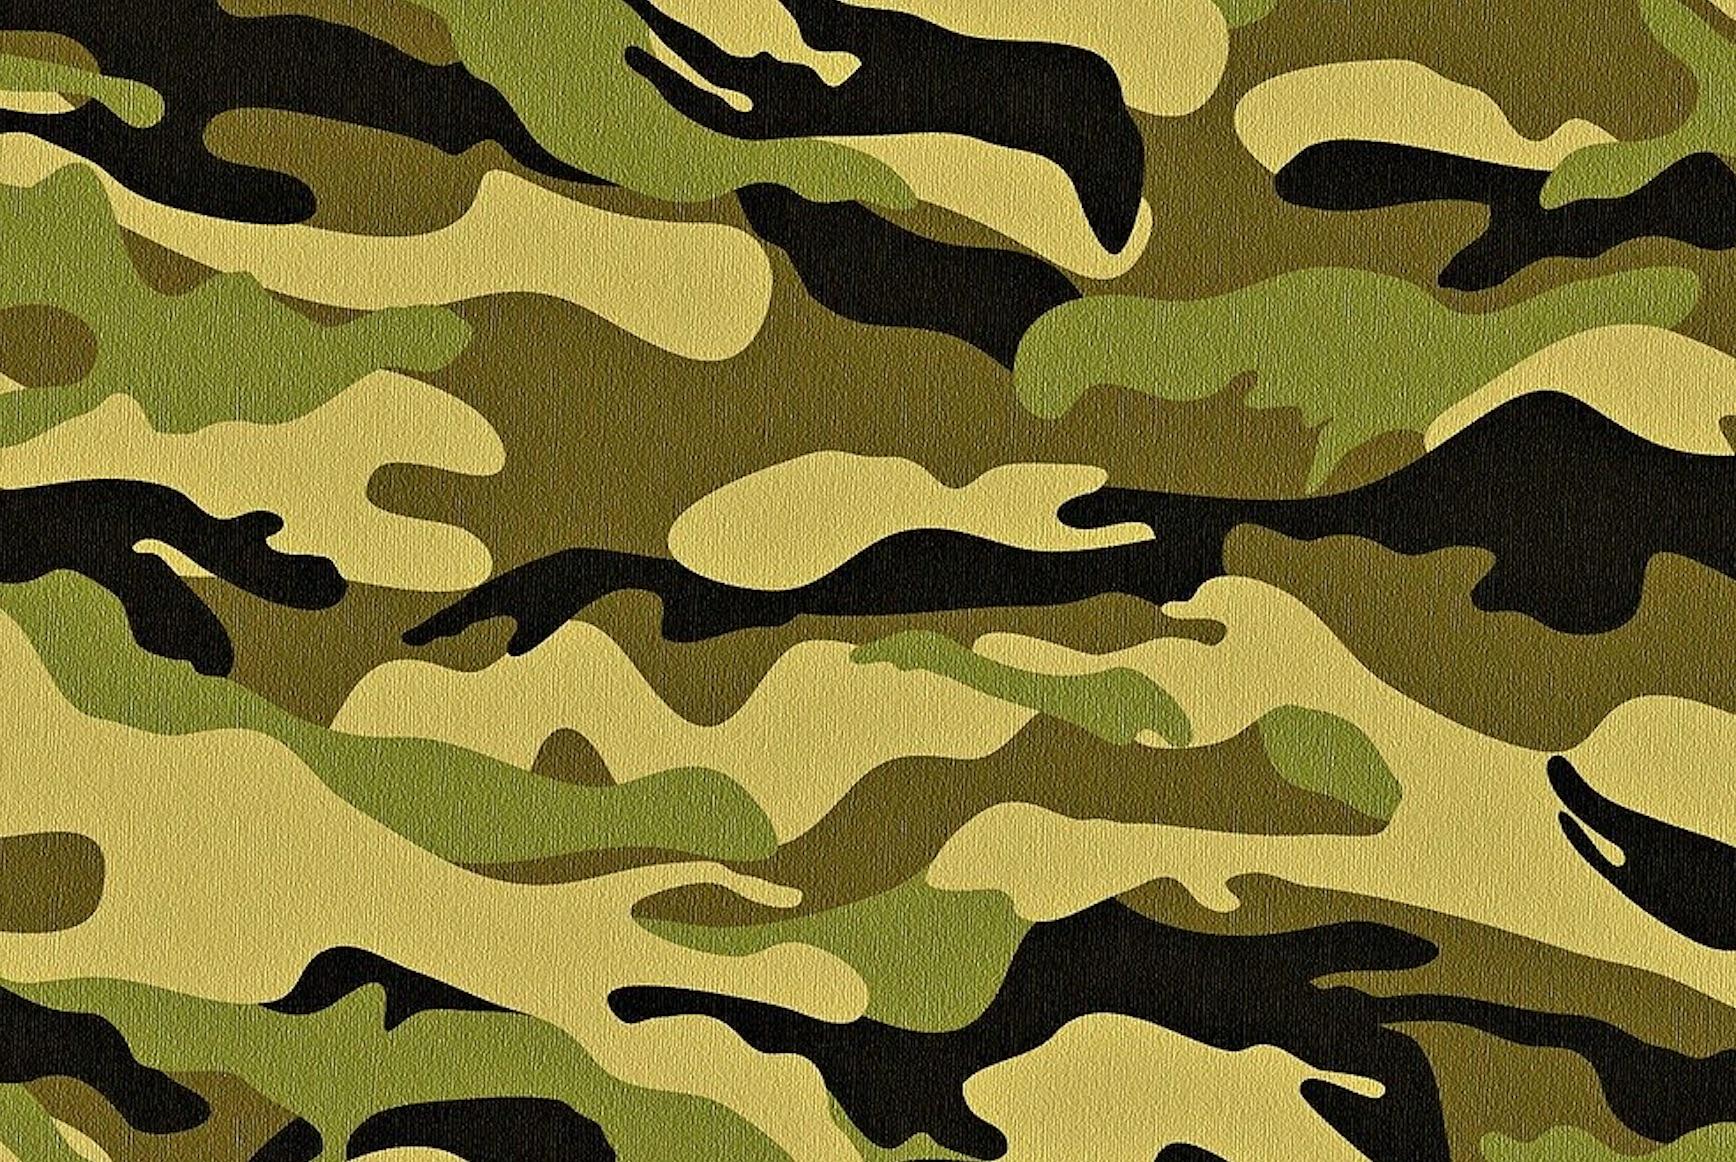 Halkı Askerlikten Soğutma Suçu Hakkında Genel Bilgiler